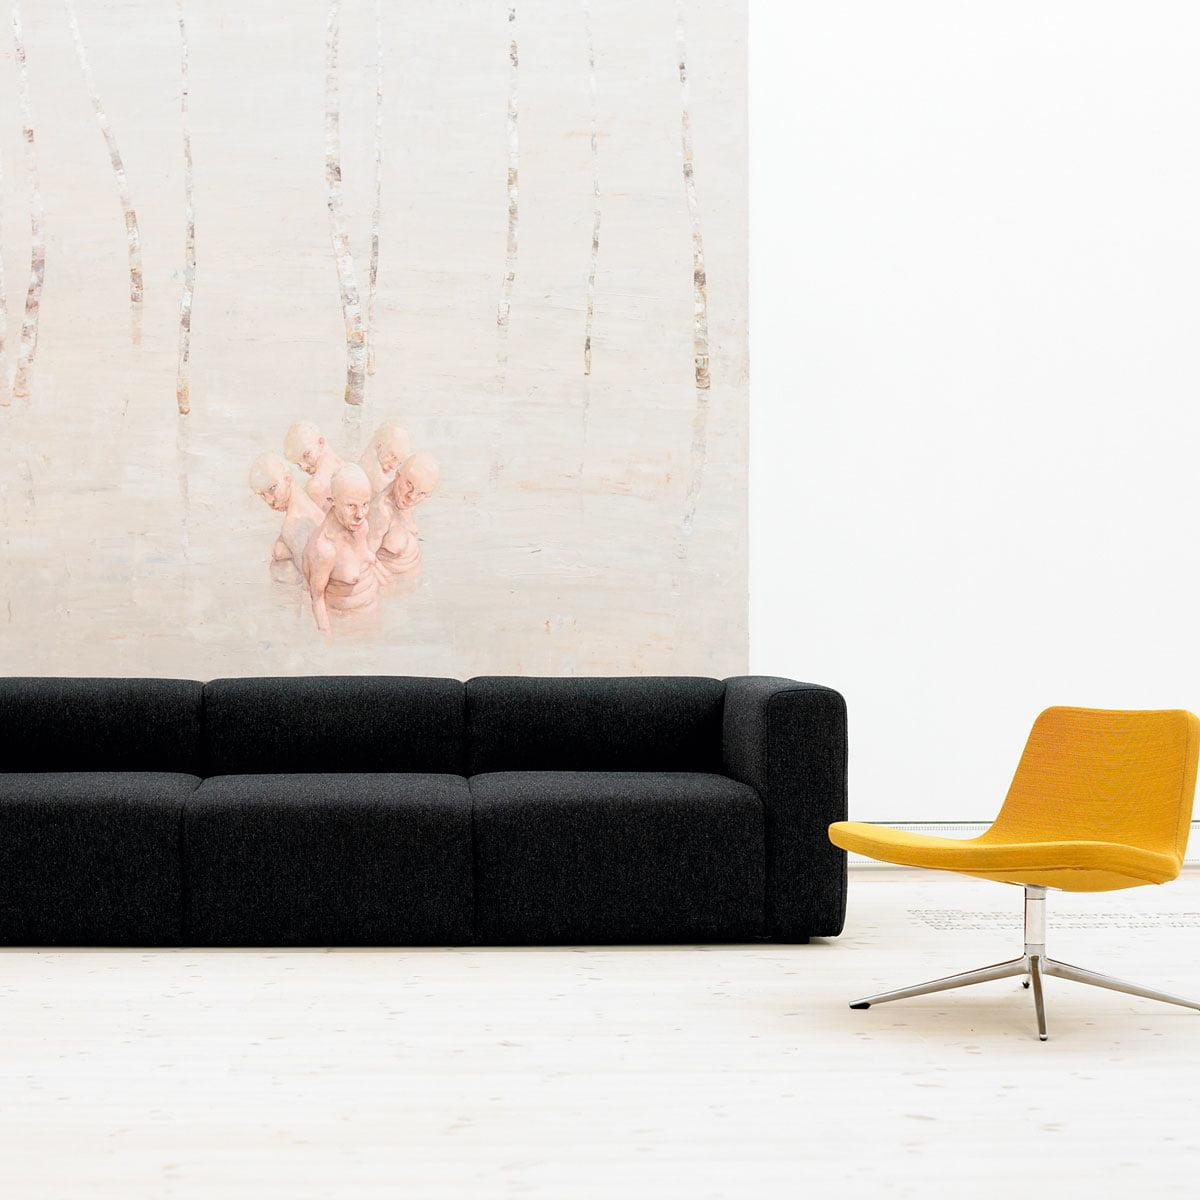 hay mags sofa - Einfache Dekoration Und Mobel Kuchenutensilien Mit Schickem Design